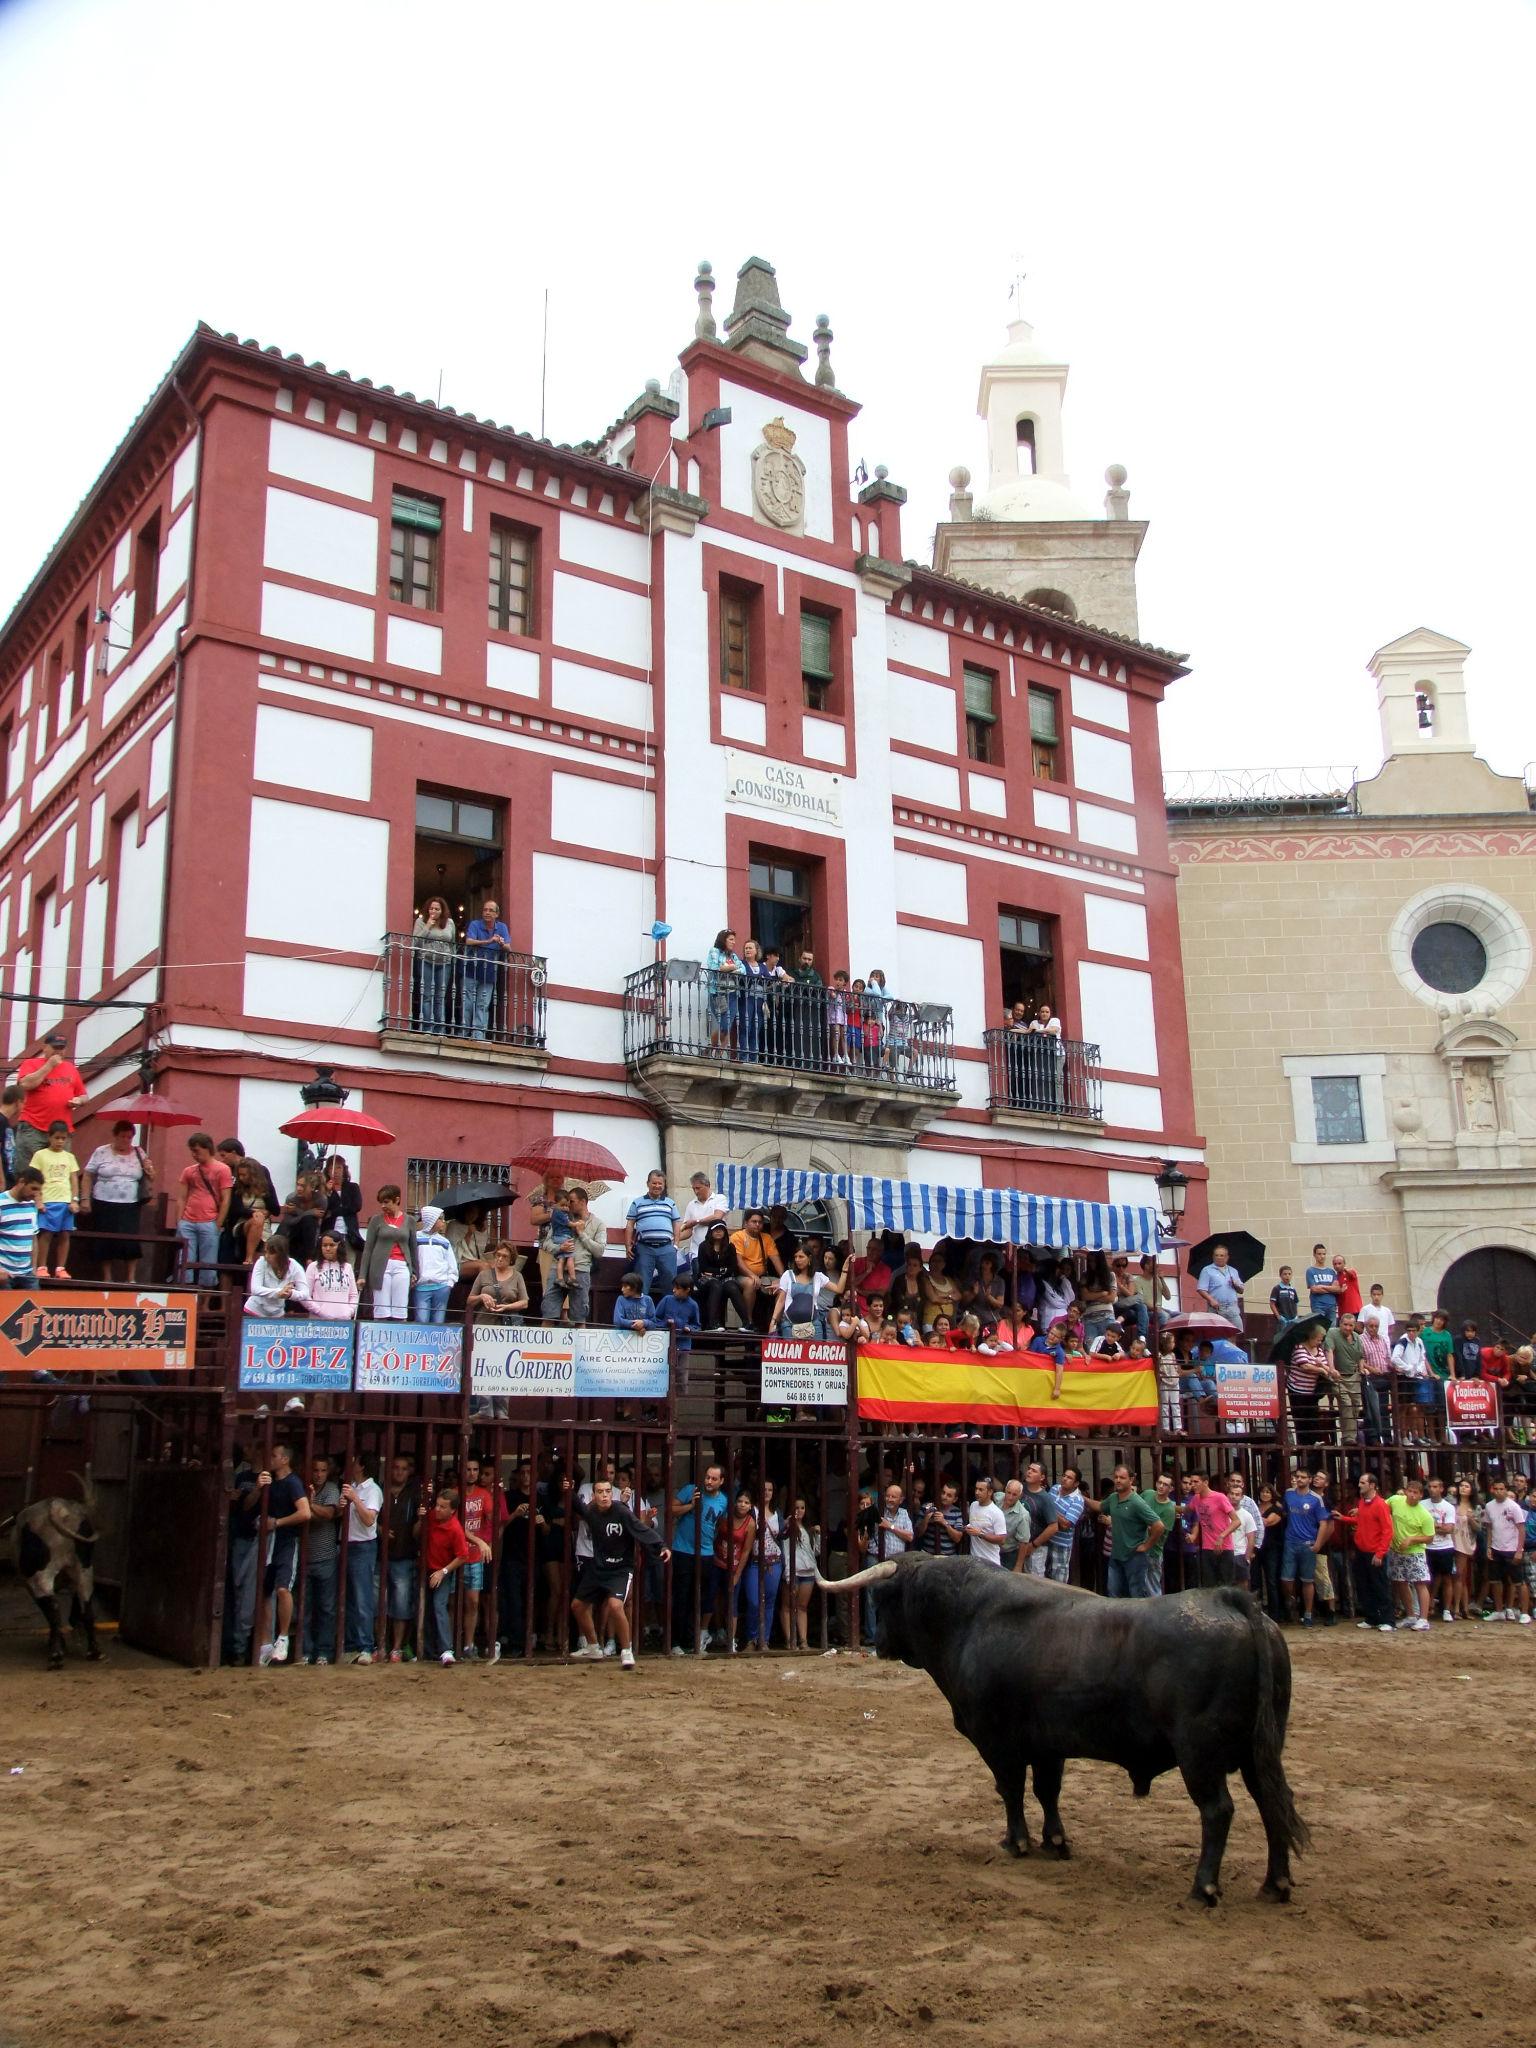 La Comisión de Festejos fija las fechas de las próximas Fiestas de Agosto 2013 y de la XVI Feria del Caballo y la Artesanía